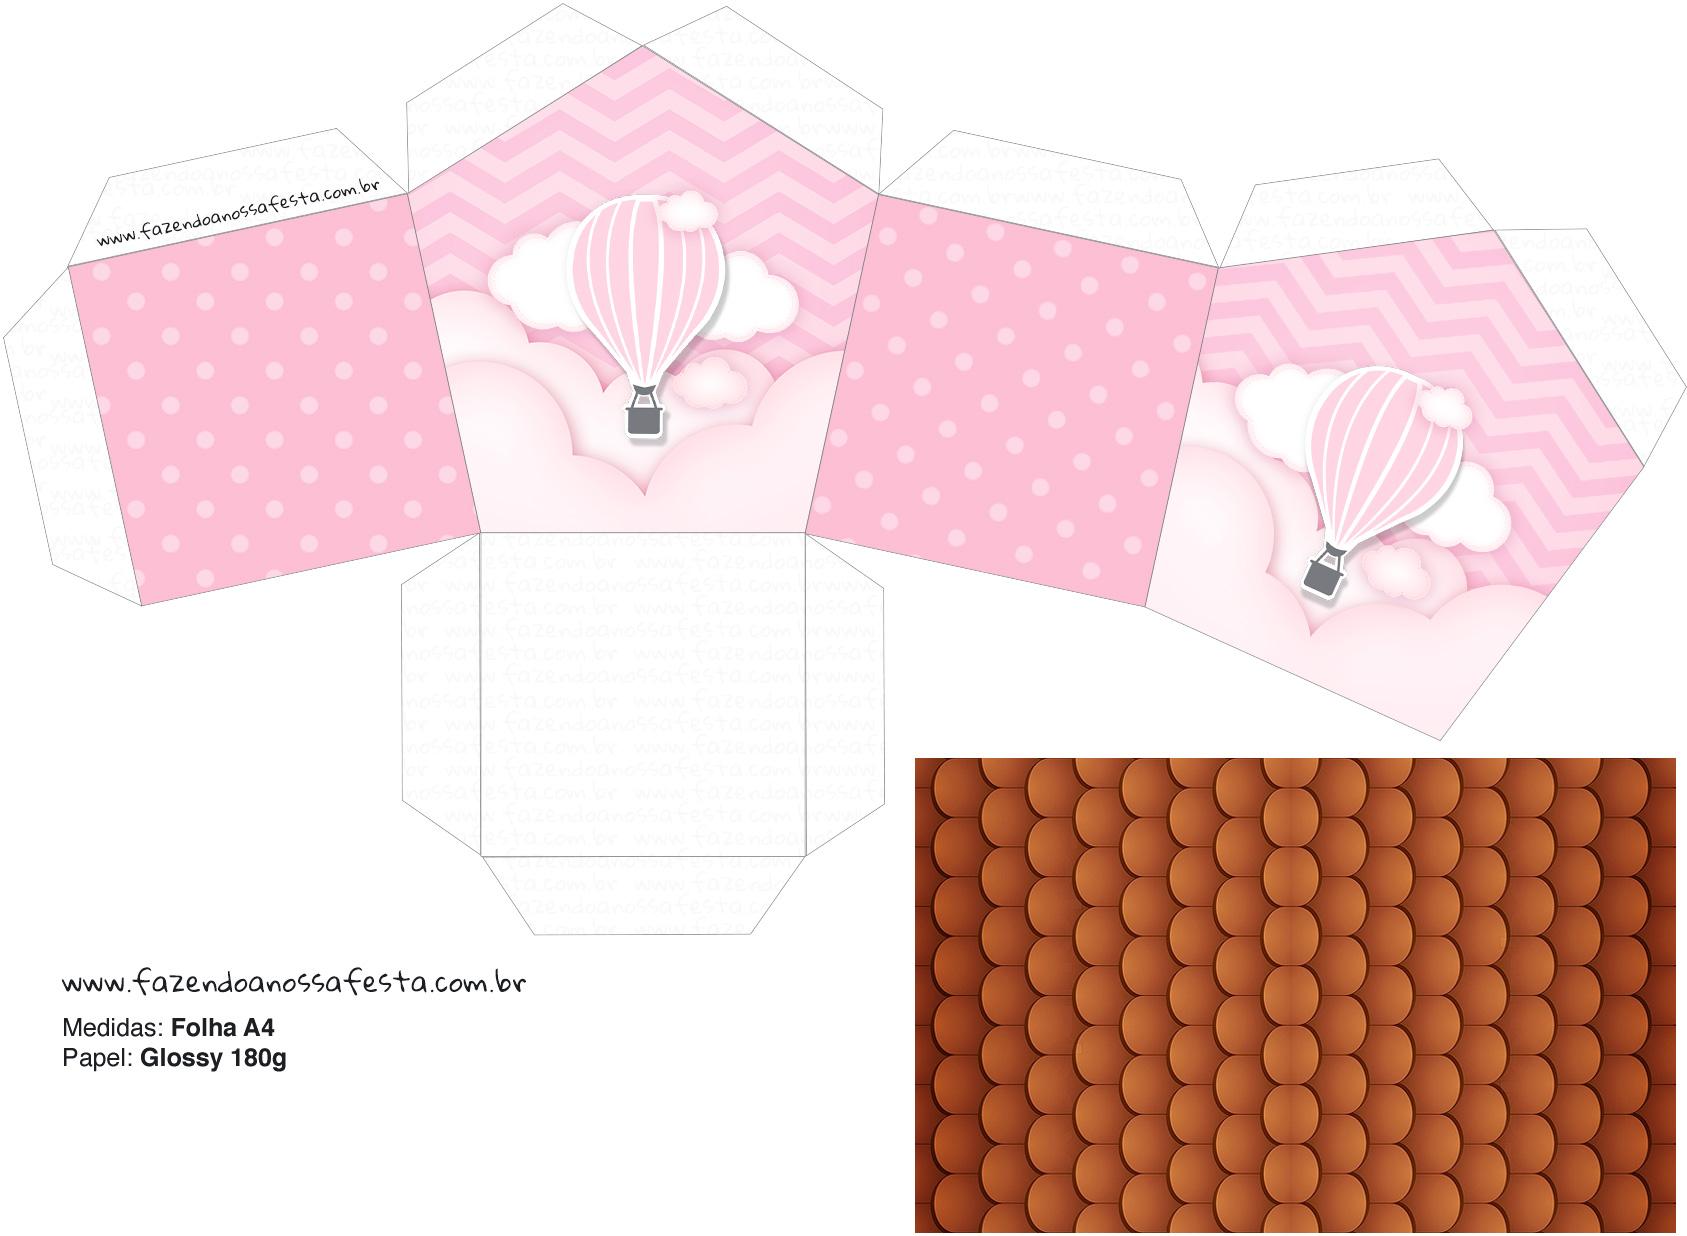 Molde Casinha Balão de Ar Quente Rosa